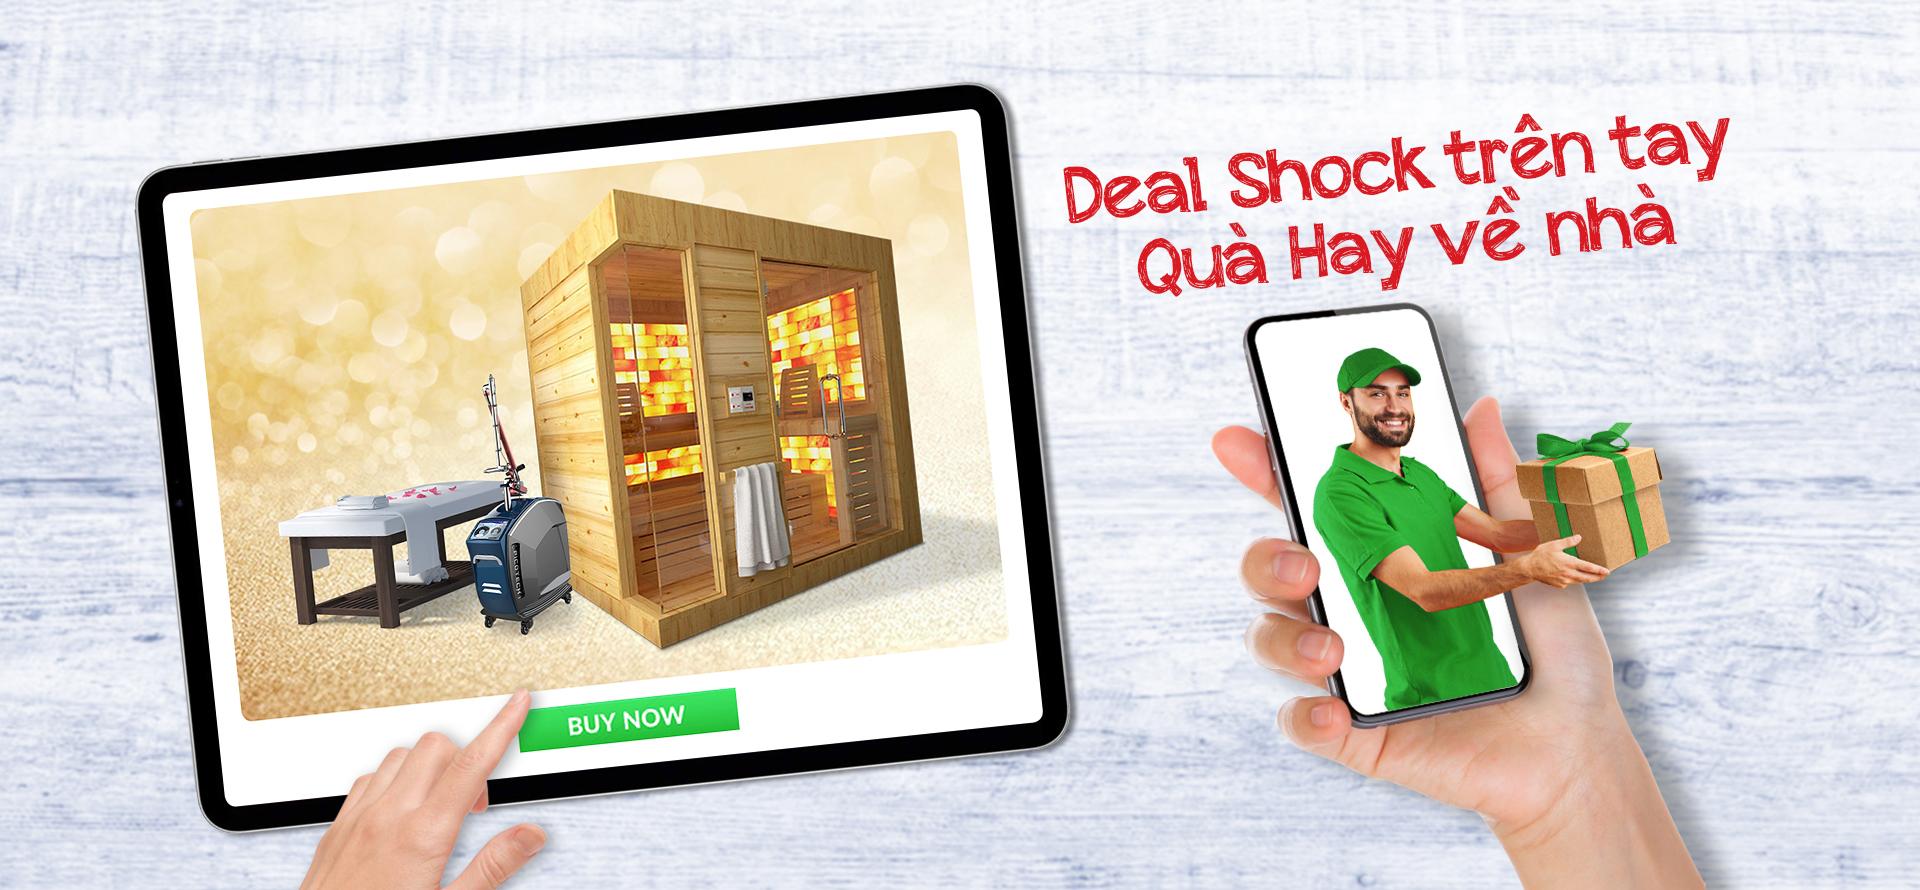 Cơn lốc deal tháng 8: Deal shock trên tay - Quà hay về nhà